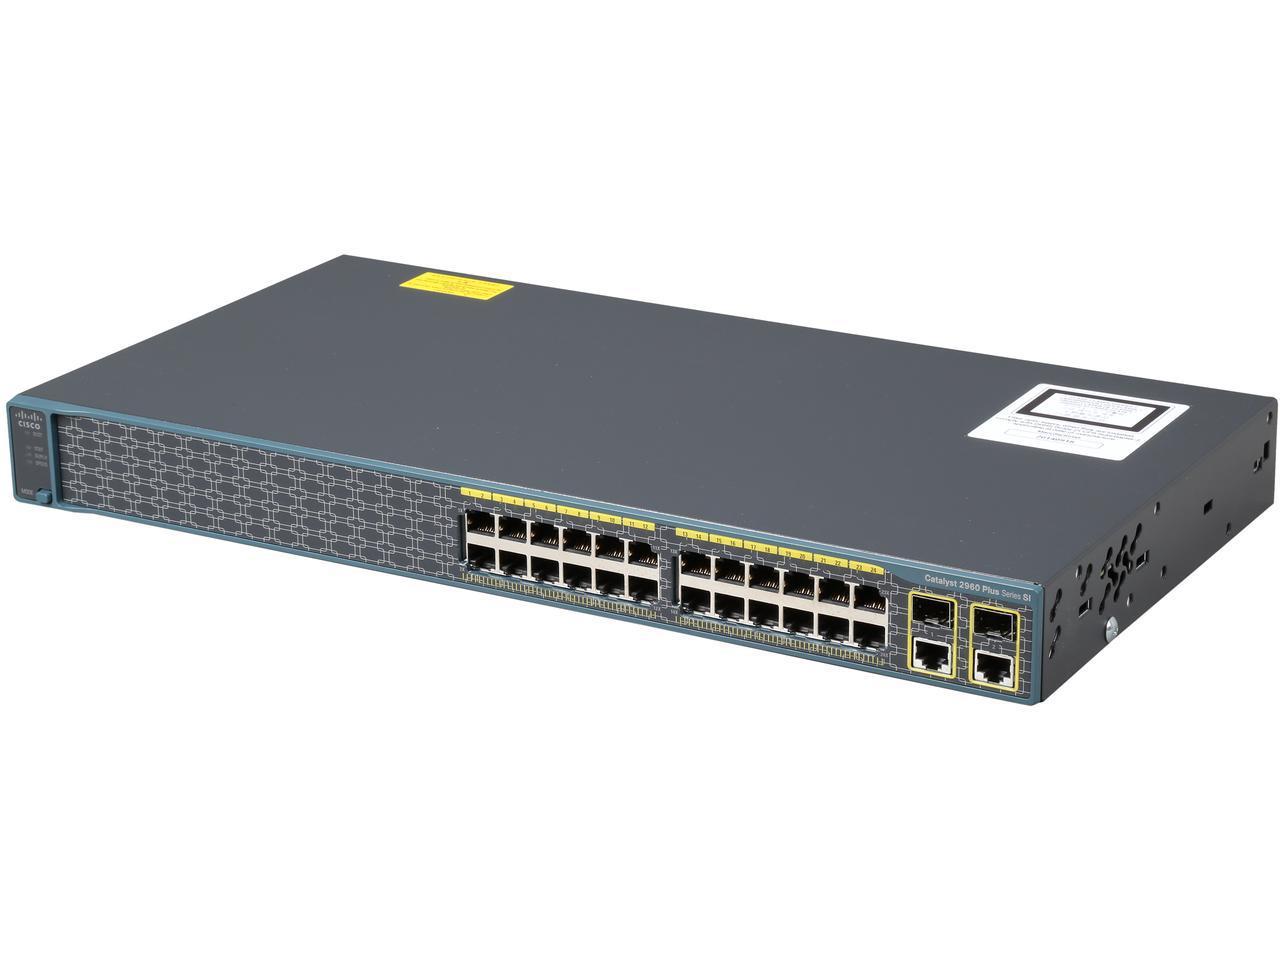 Cisco Catalyst 2960 2960 24tc S Ws C2960 24tc S Managed